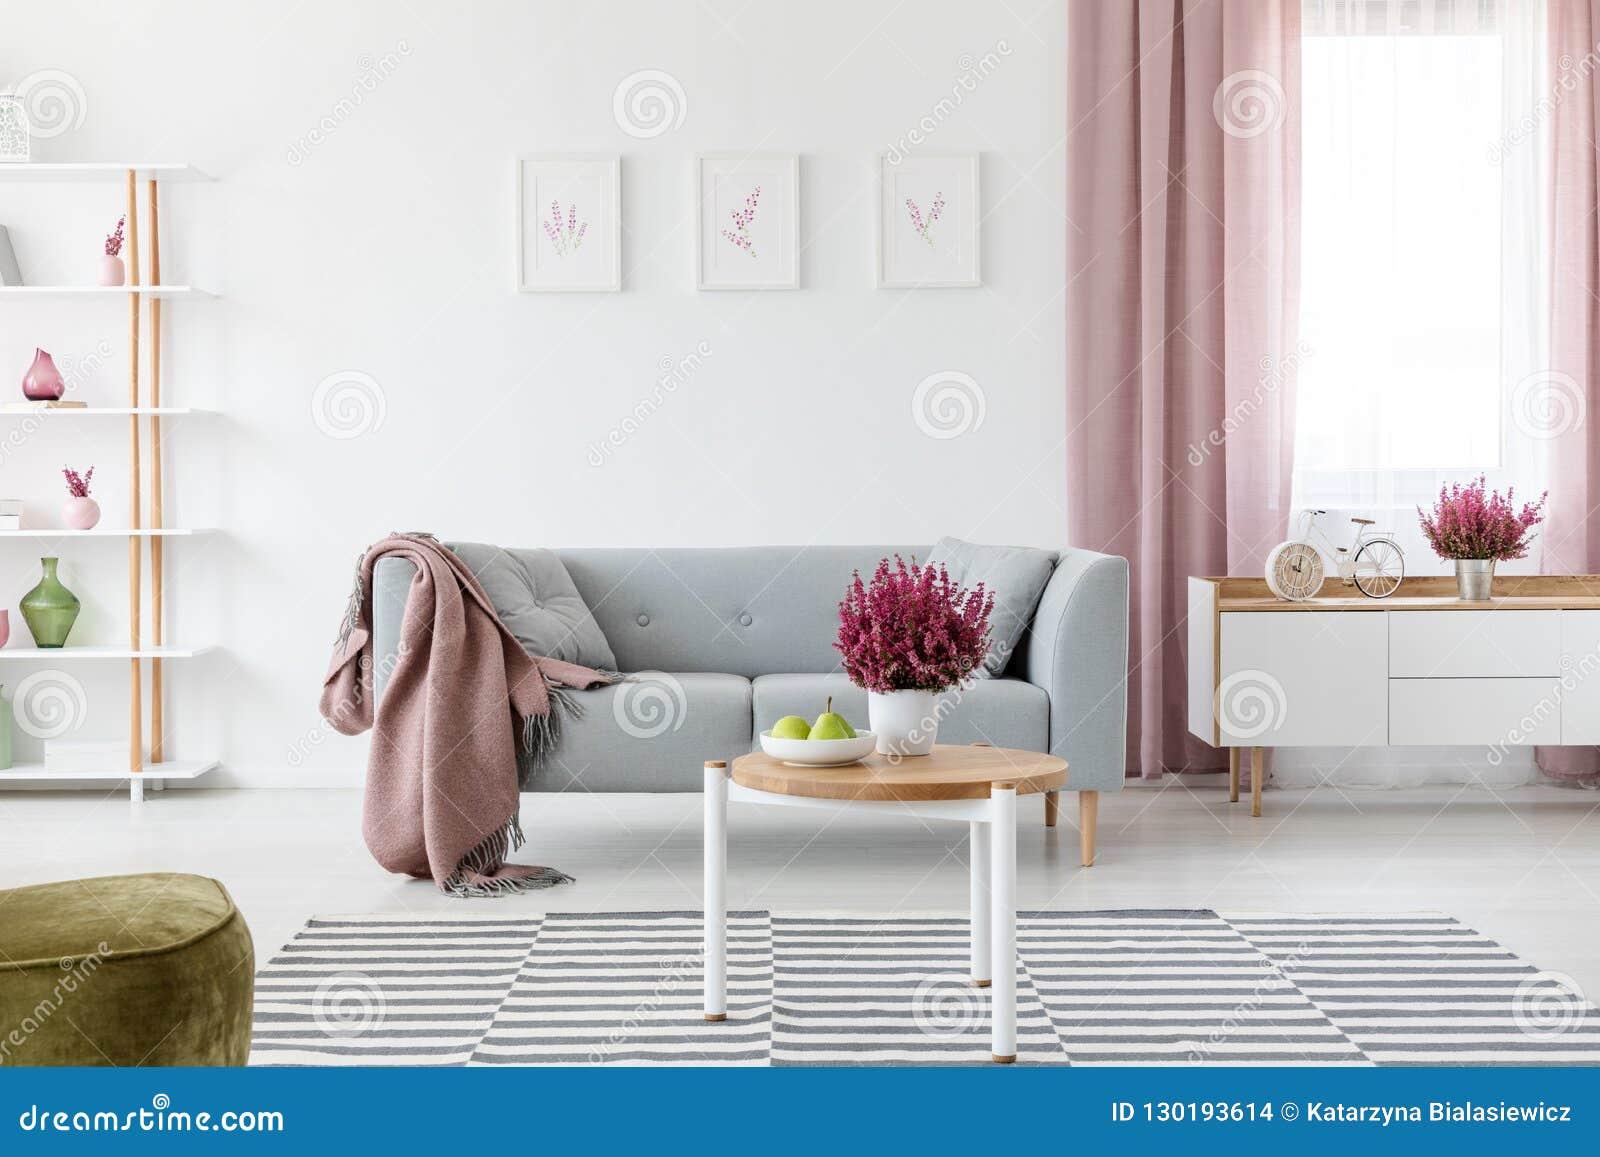 与新鲜的石南花和果子的木咖啡桌在明亮的客厅真正的照片的板材内部与在墙壁上的海报